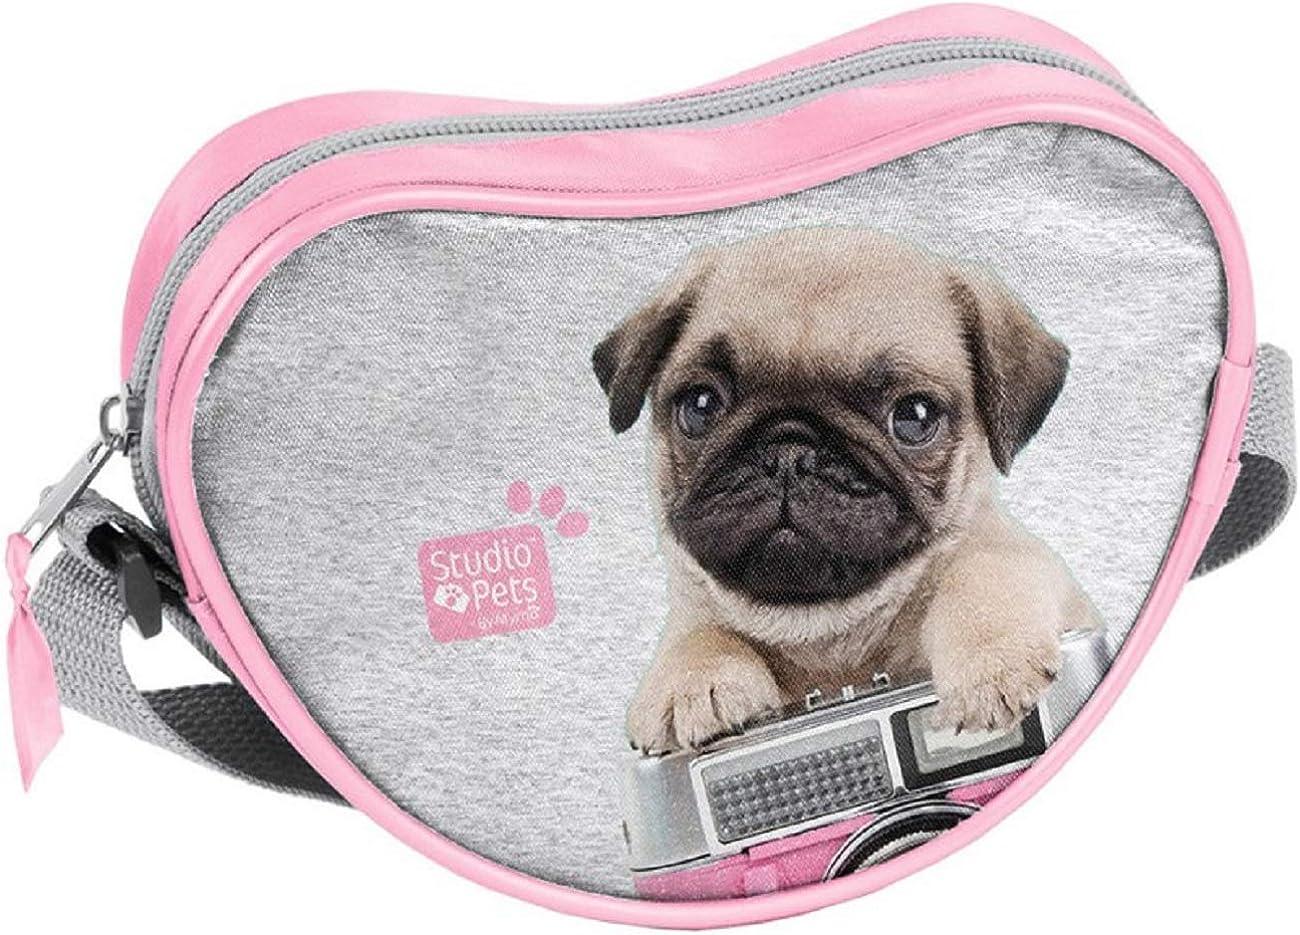 Pour filles et enfants Ragusa-Trade Sac /à main pour fan de chiens et de chats Diff/érentes tailles et couleurs